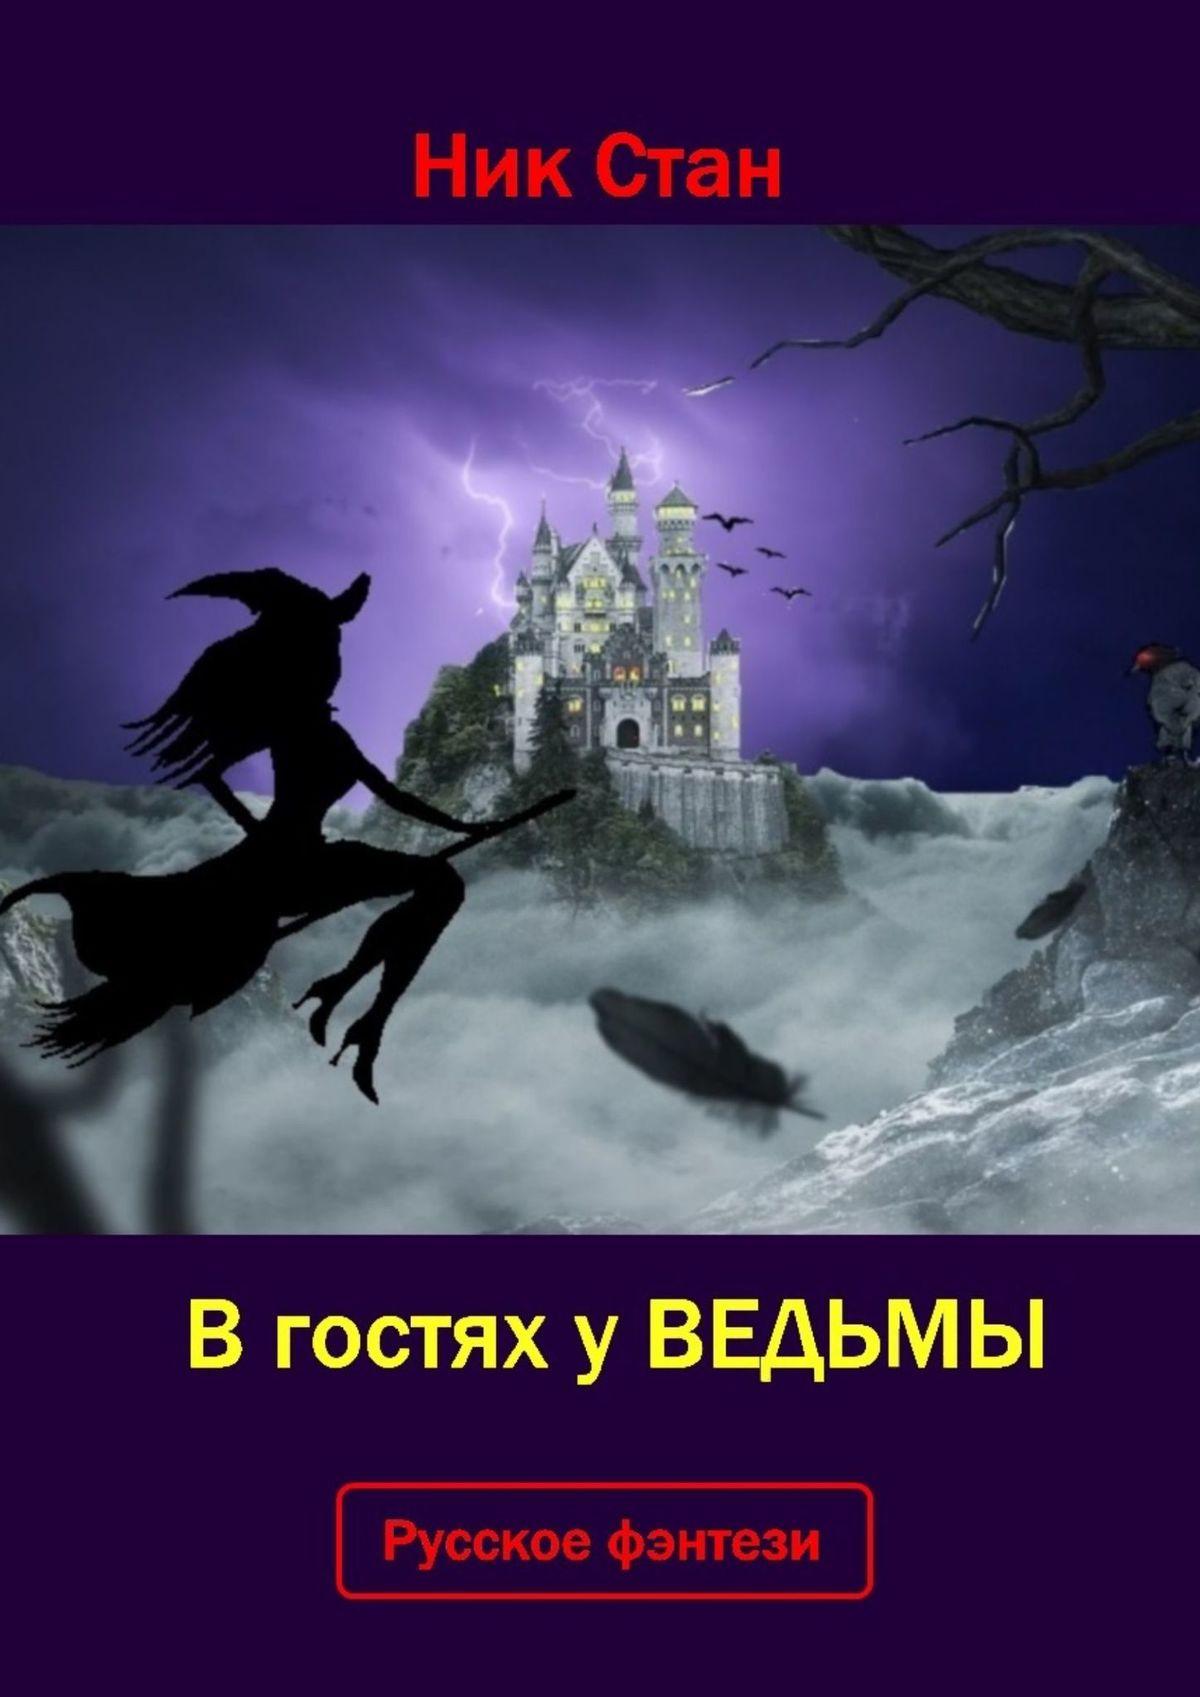 Ник Стан - Вгостяхуведьмы